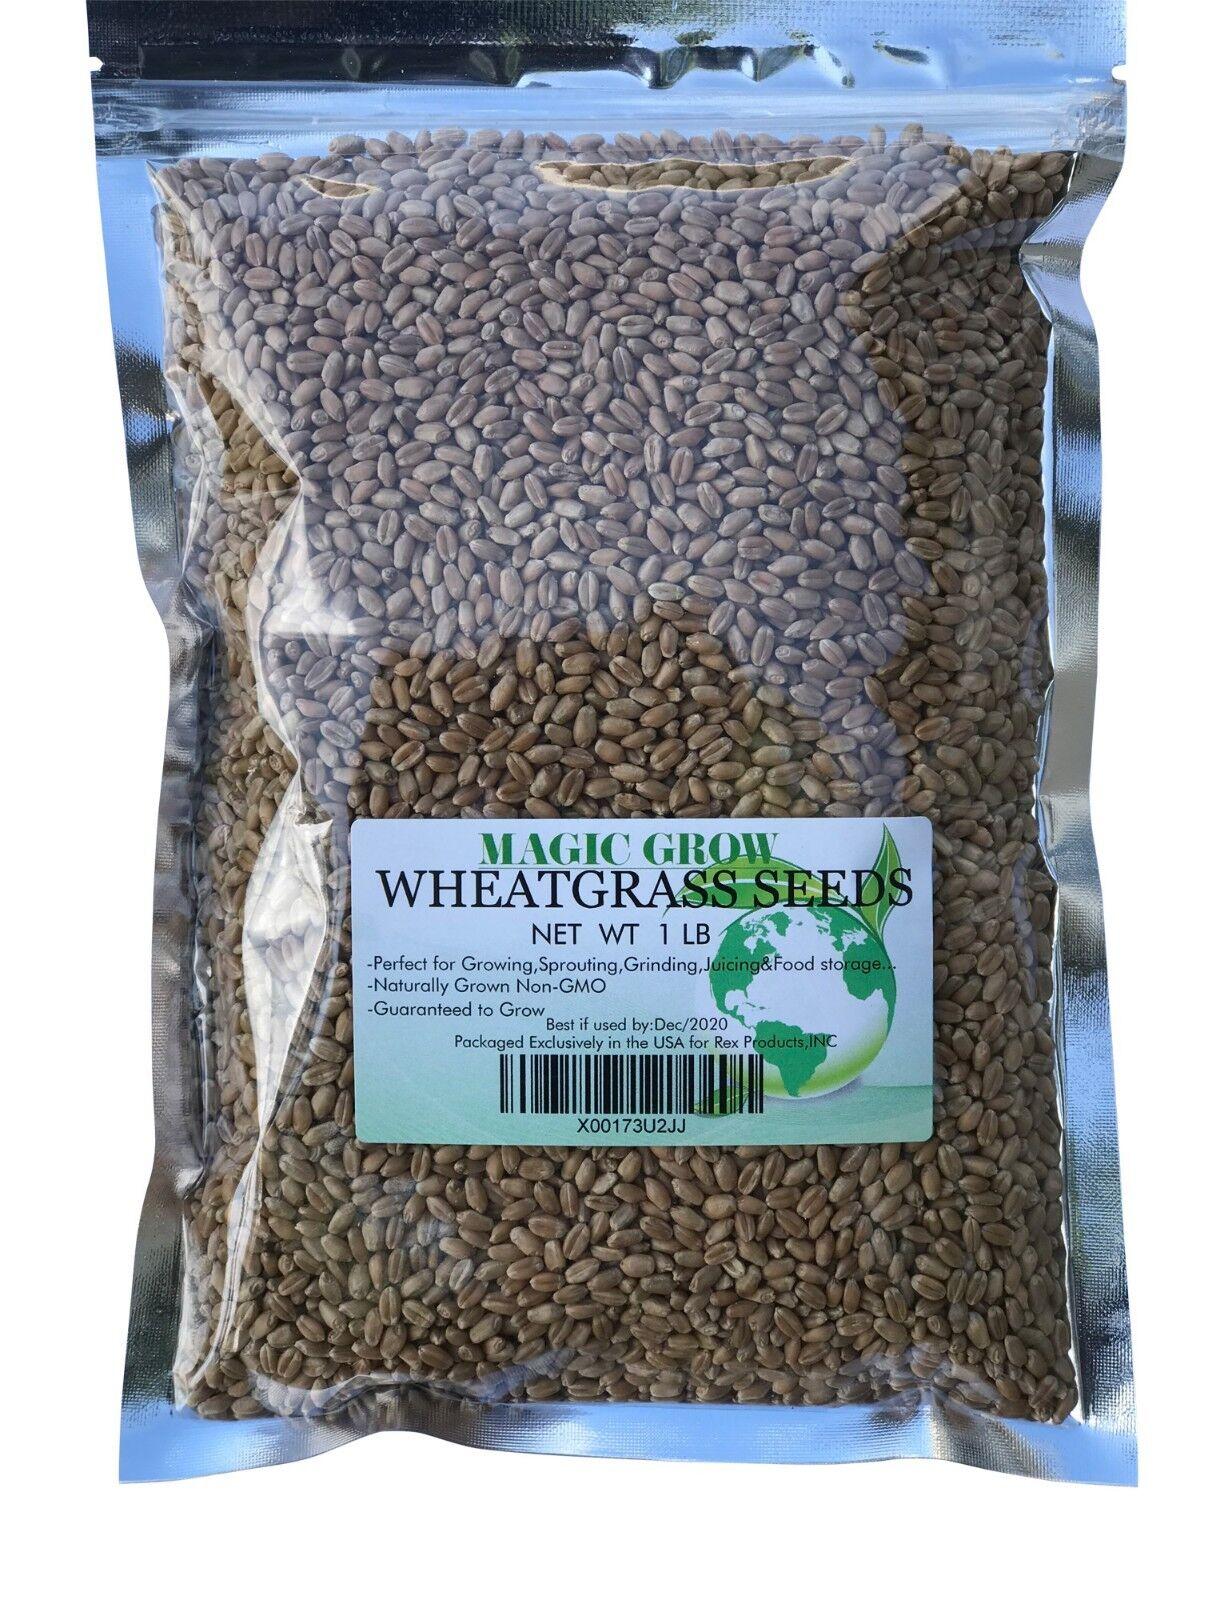 Best Grass Seed 2020 500 Seeds Panicum maximum. Buffalo grass Seeds. Guinea grass Seeds